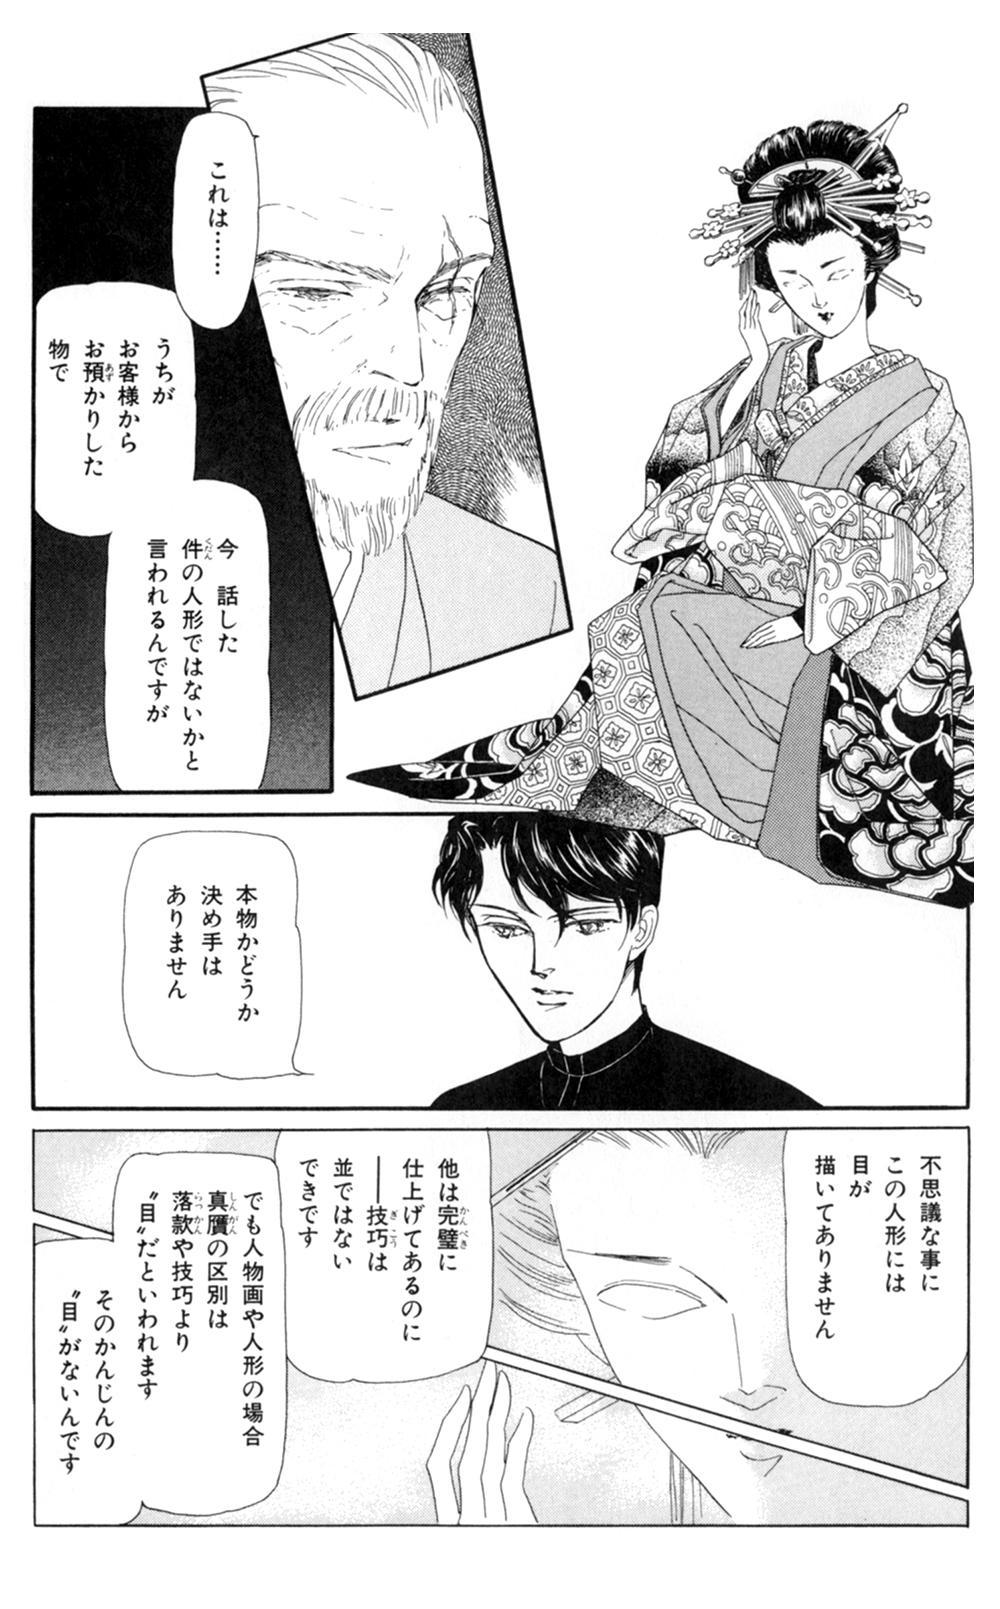 雨柳堂夢咄 第5話「花に暮れる」①uryudo01-122.jpg